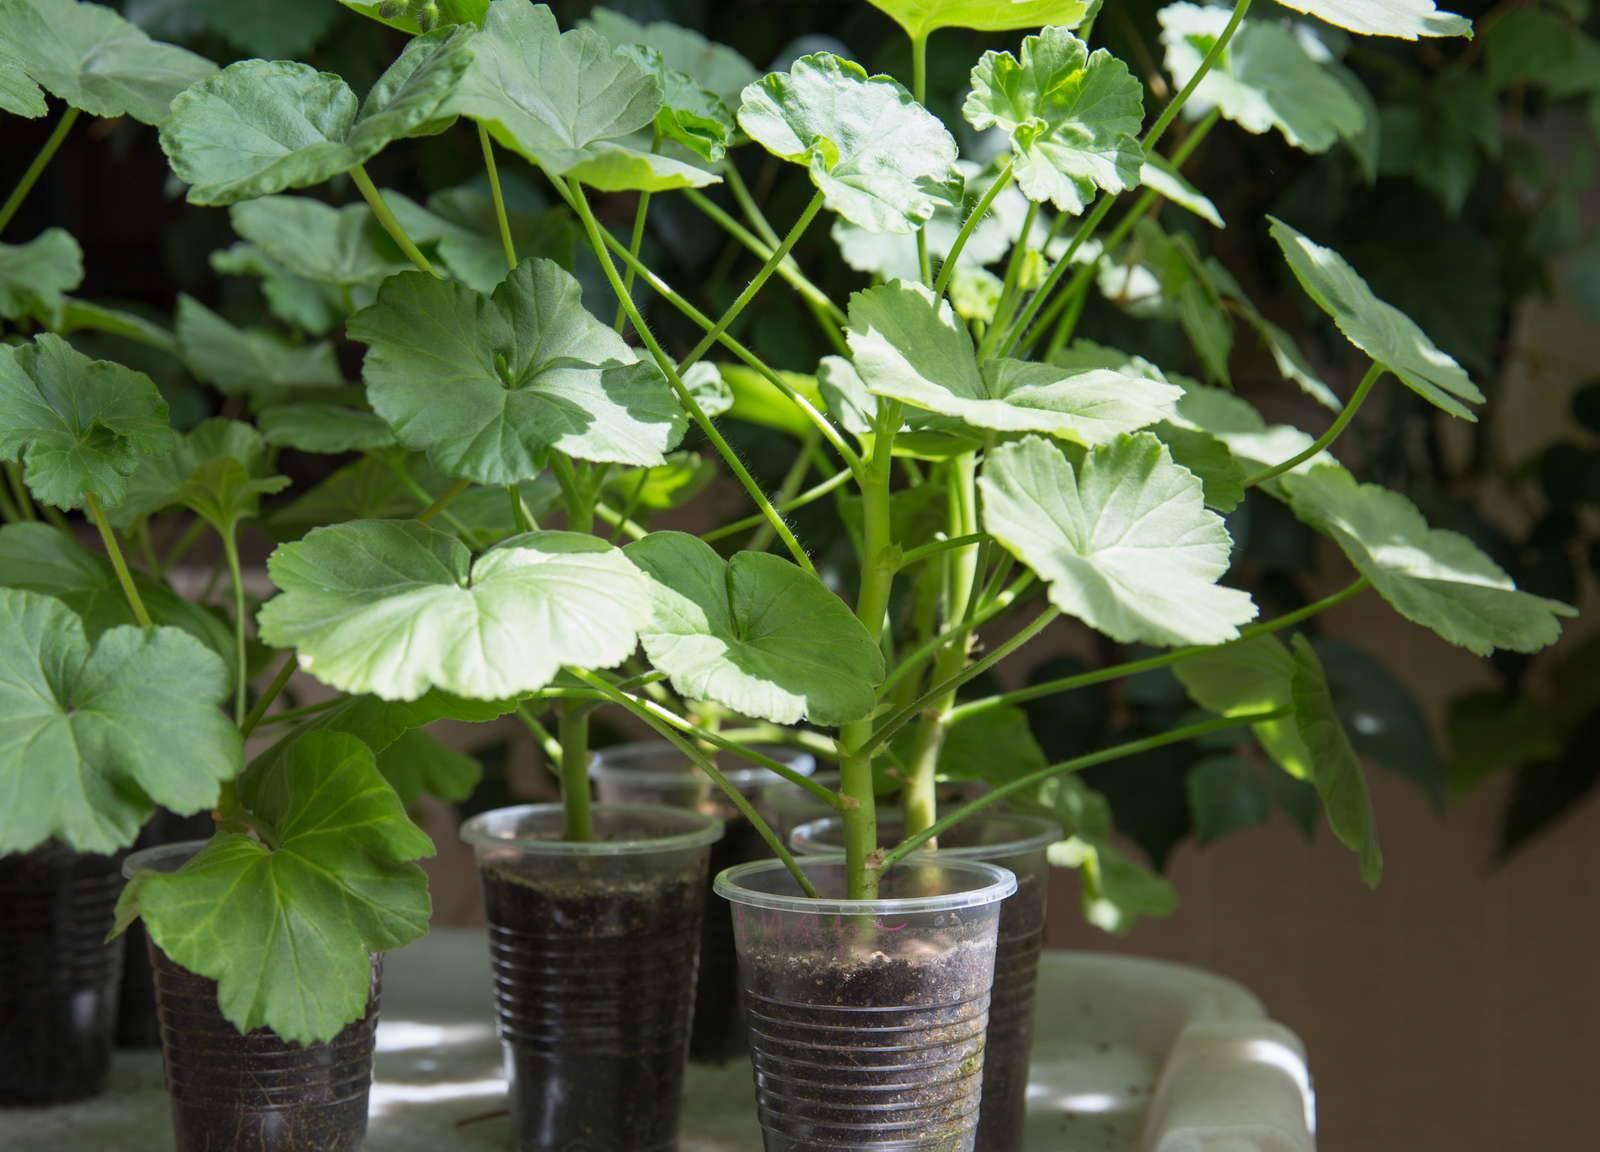 Размножение герани черенками в домашних условиях: как размножить пеларгонию черенкованием зимой в феврале? когда размножать цветок весной? как укоренять и рассаживать в горшки?